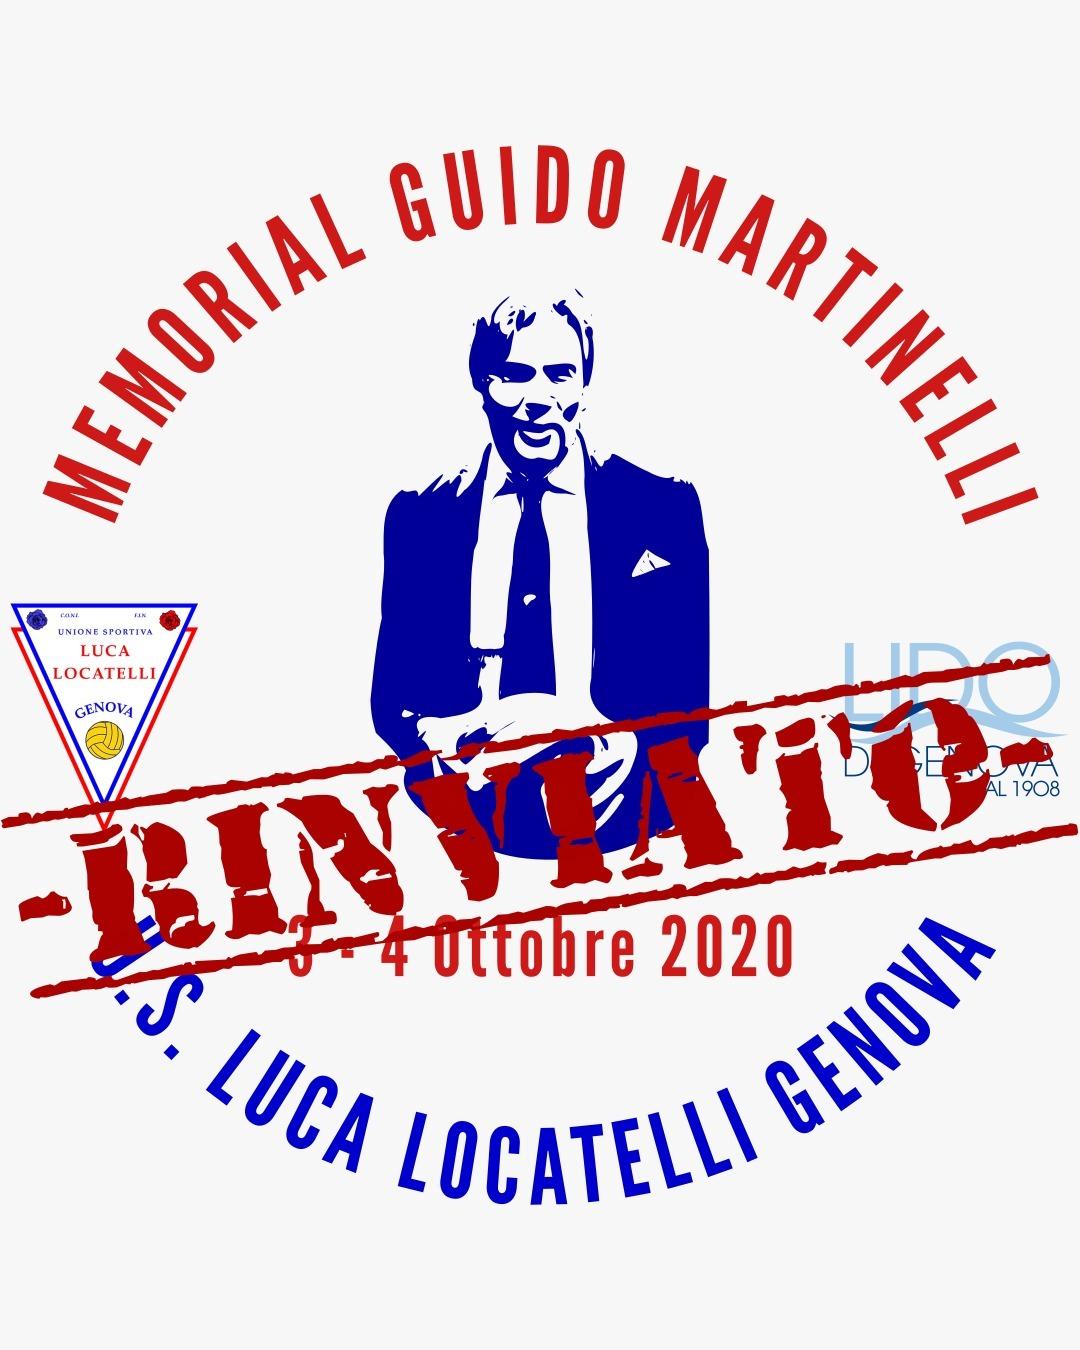 Memorial Guido Martinelli : Un impegno soltanto rimandato